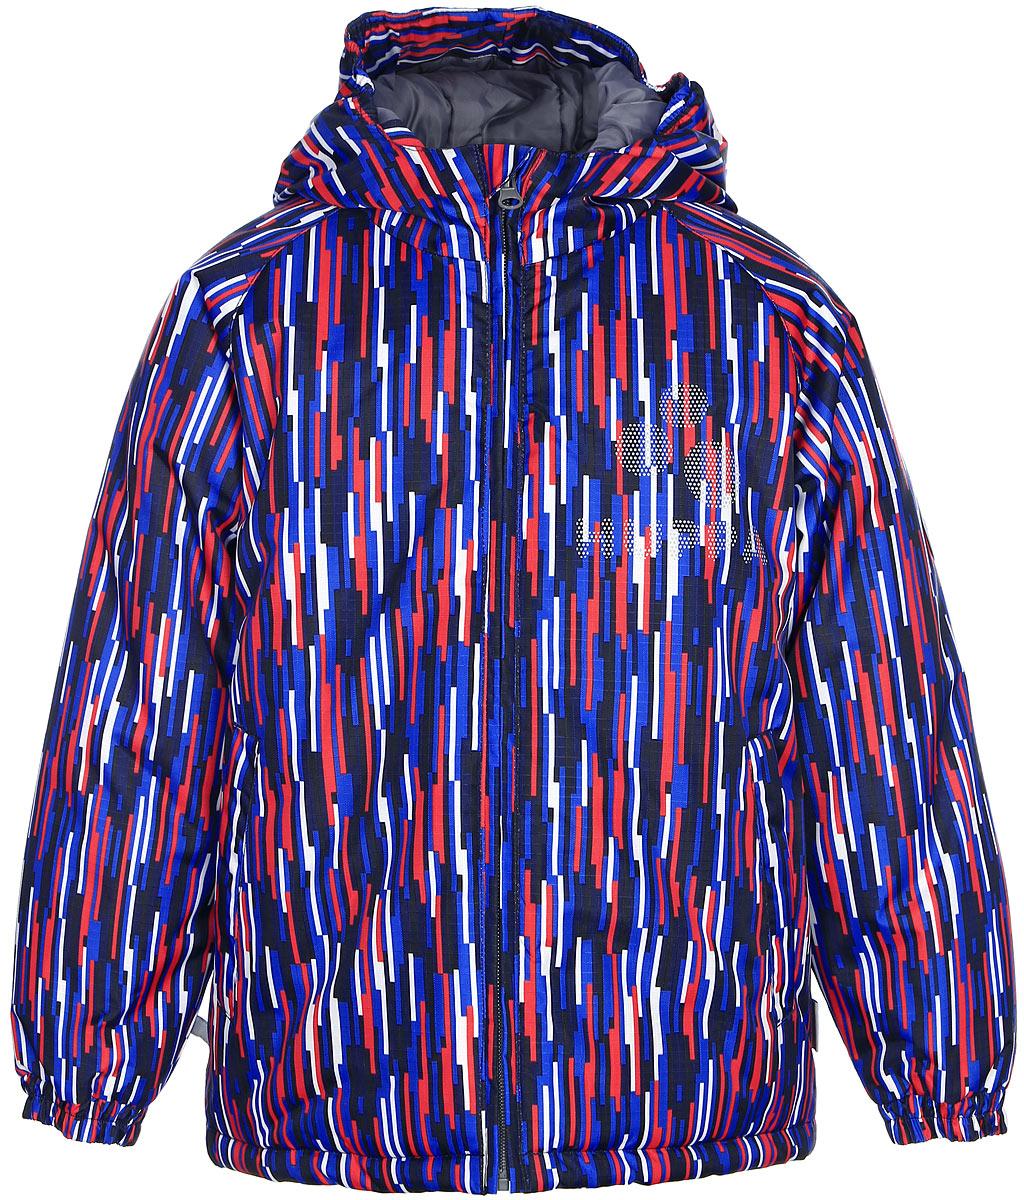 Куртка детская Huppa Classy, цвет: темно-синий. 17710030-586. Размер 11017710030-586Детская куртка Huppa изготовлена из водонепроницаемого полиэстера. Куртка с капюшоном застегивается на пластиковую застежку-молнию с защитой подбородка. Края капюшона и рукавов собраны на внутренние резинки. У модели имеются два врезных кармана. Изделие дополнено светоотражающими элементами